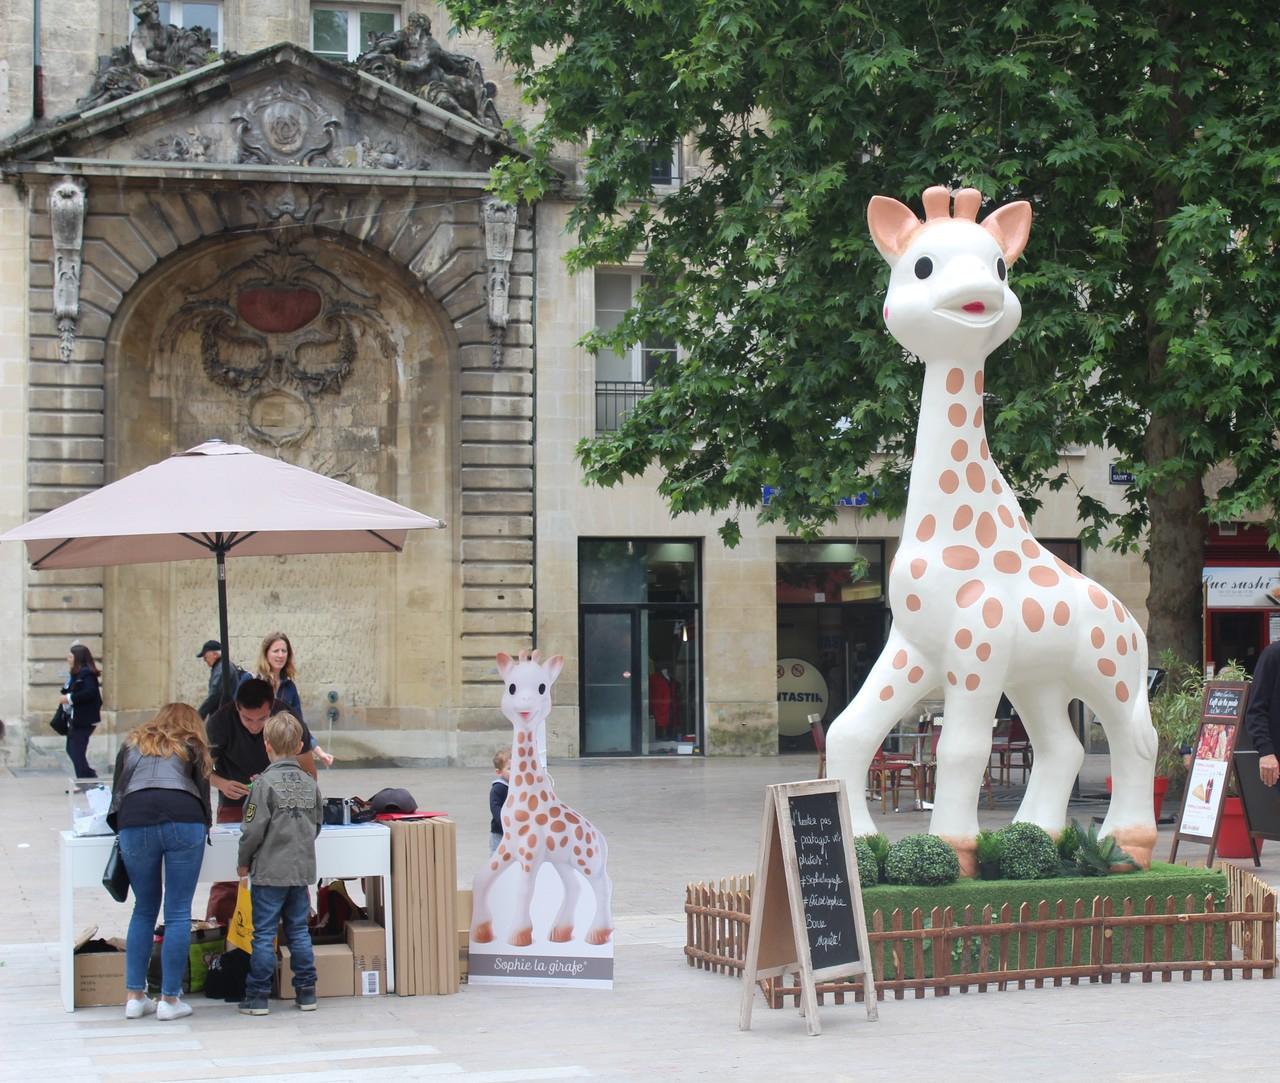 Jeu De Piste En Ville Avec Une Sophie La Girafe Géante, À pour Jeux De Girafe Gratuit